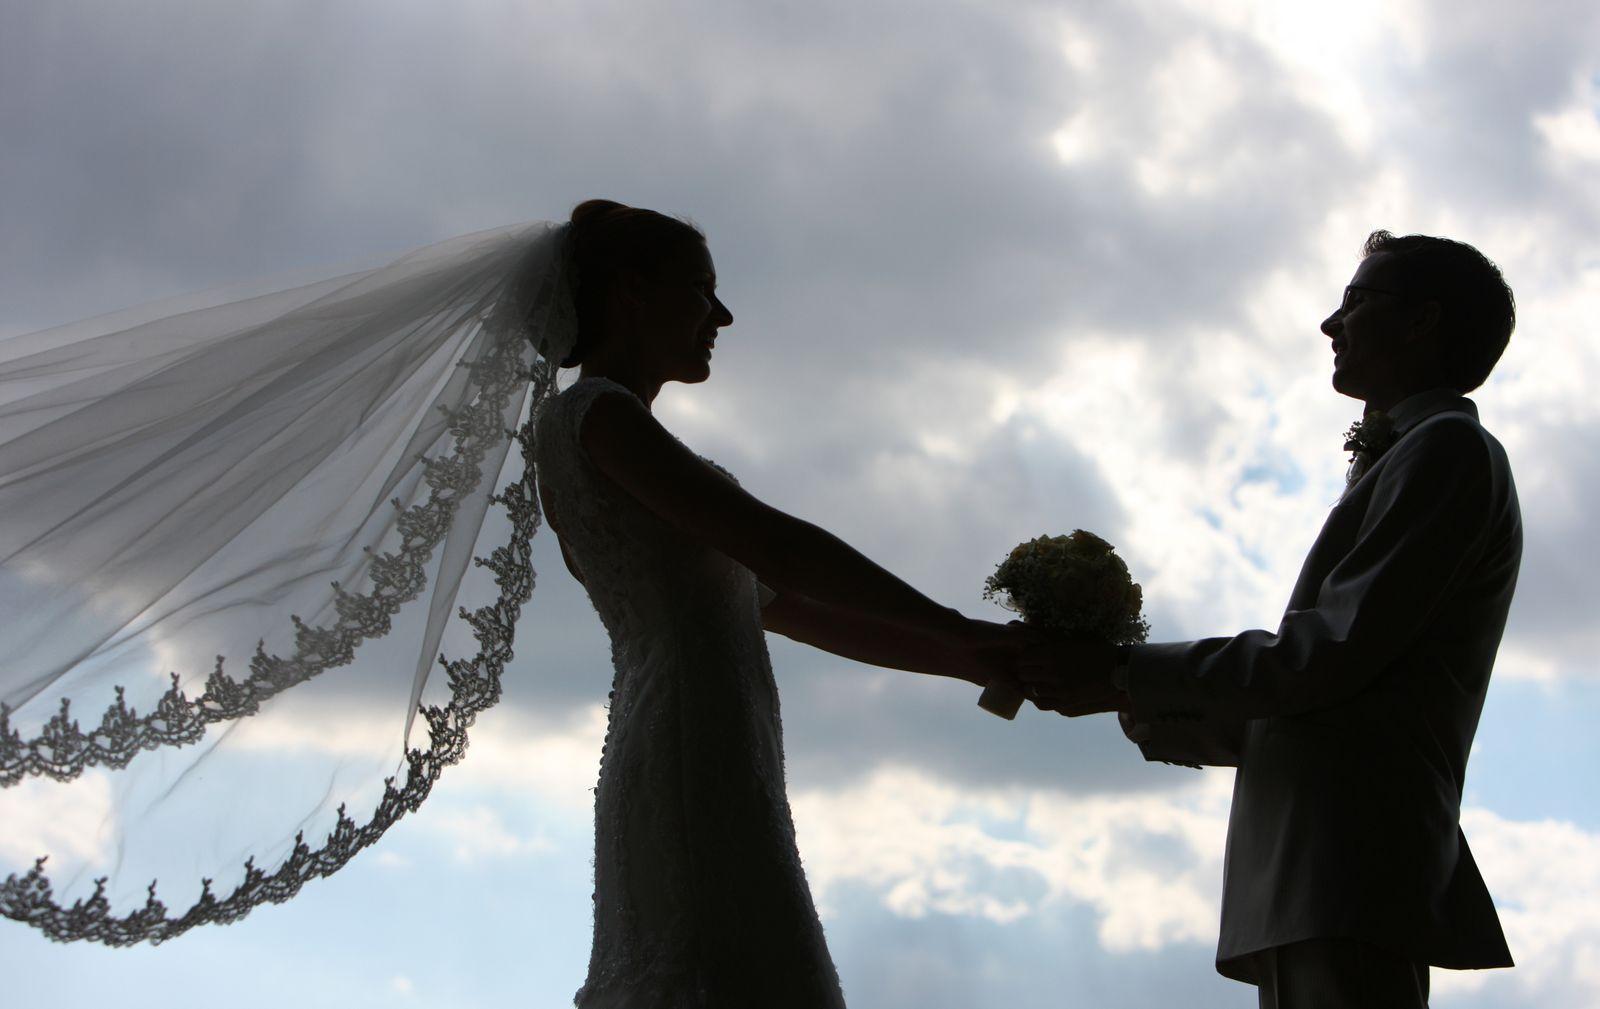 Illustration: Kirchliche Hochzeiten künftig auch ohne Standesamt möglich